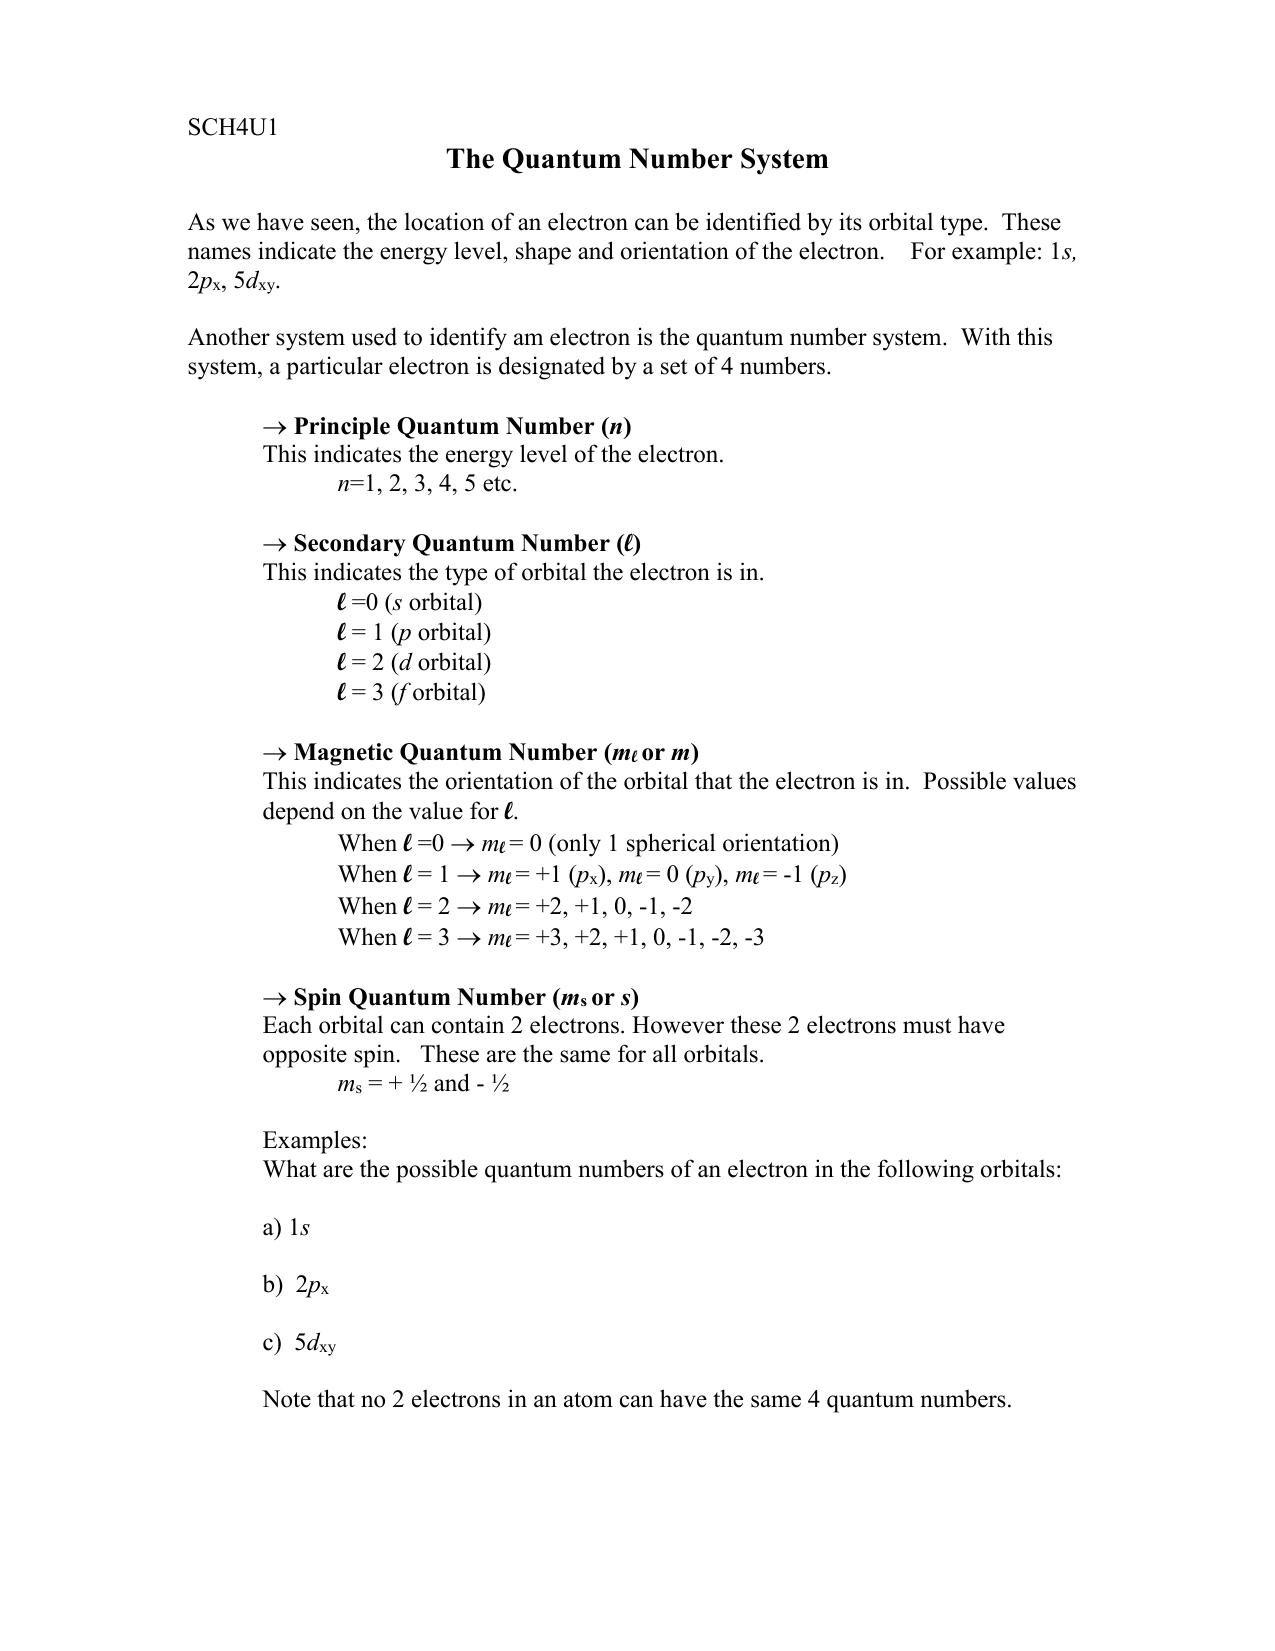 Unit 2 Lesson 3 Notes